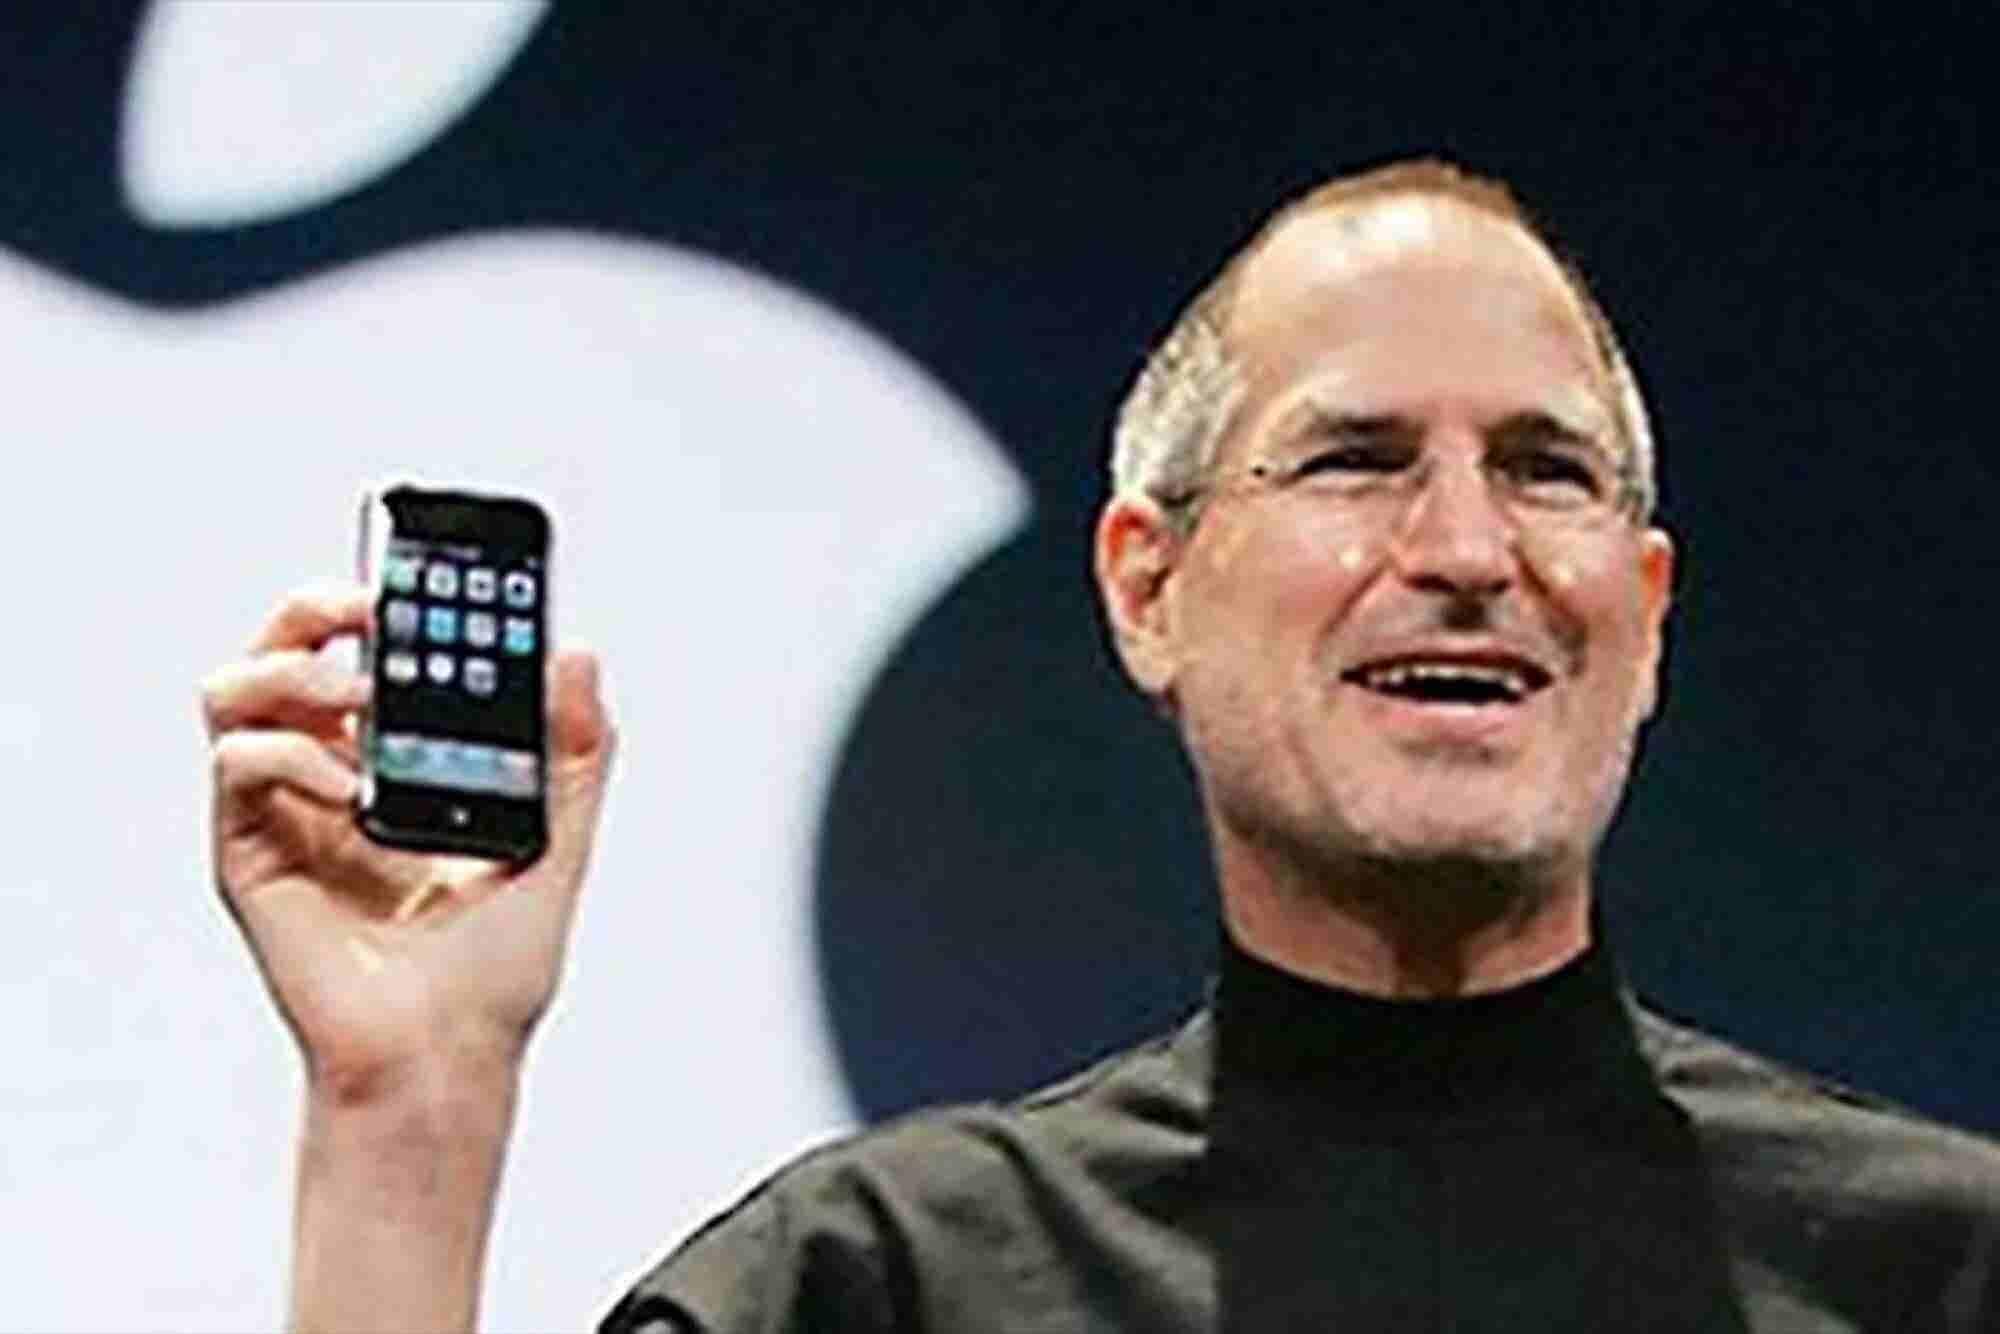 ¿Qué provocó el éxito de Steve Jobs?